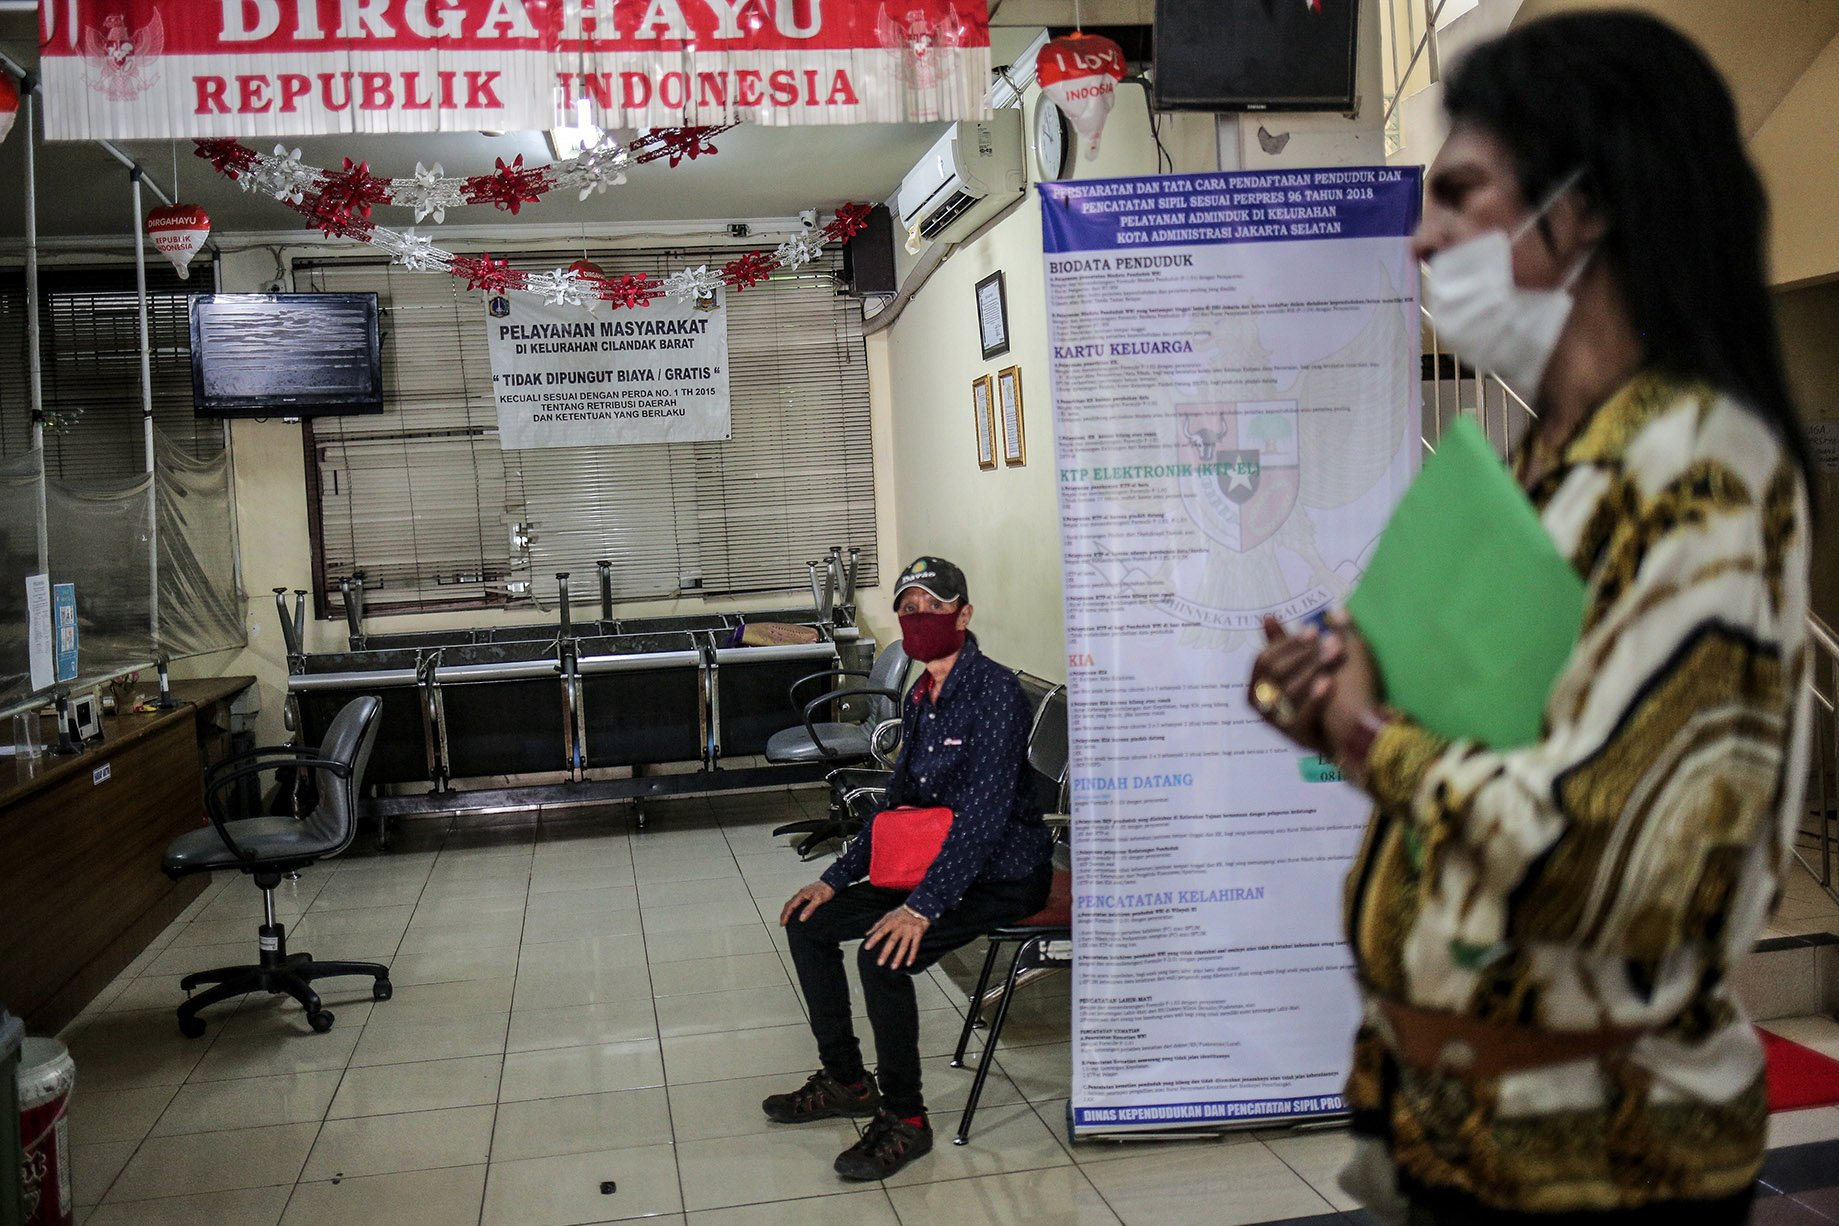 Sejumlah transpuan menunggu antrean saat melakukan tes biometrik untuk membuat KTP Elektronik di Kantor Kelurahan Cilandak Barat, Jakarta Selatan, Jakarta, Kamis (16/9/2021). KTP elektronik bagi transgender perempuan (transpuan) agar mereka bisa mendapatkan pelayanan publik seperti jaminan sosial, kesehatan, hingga pendidikan.